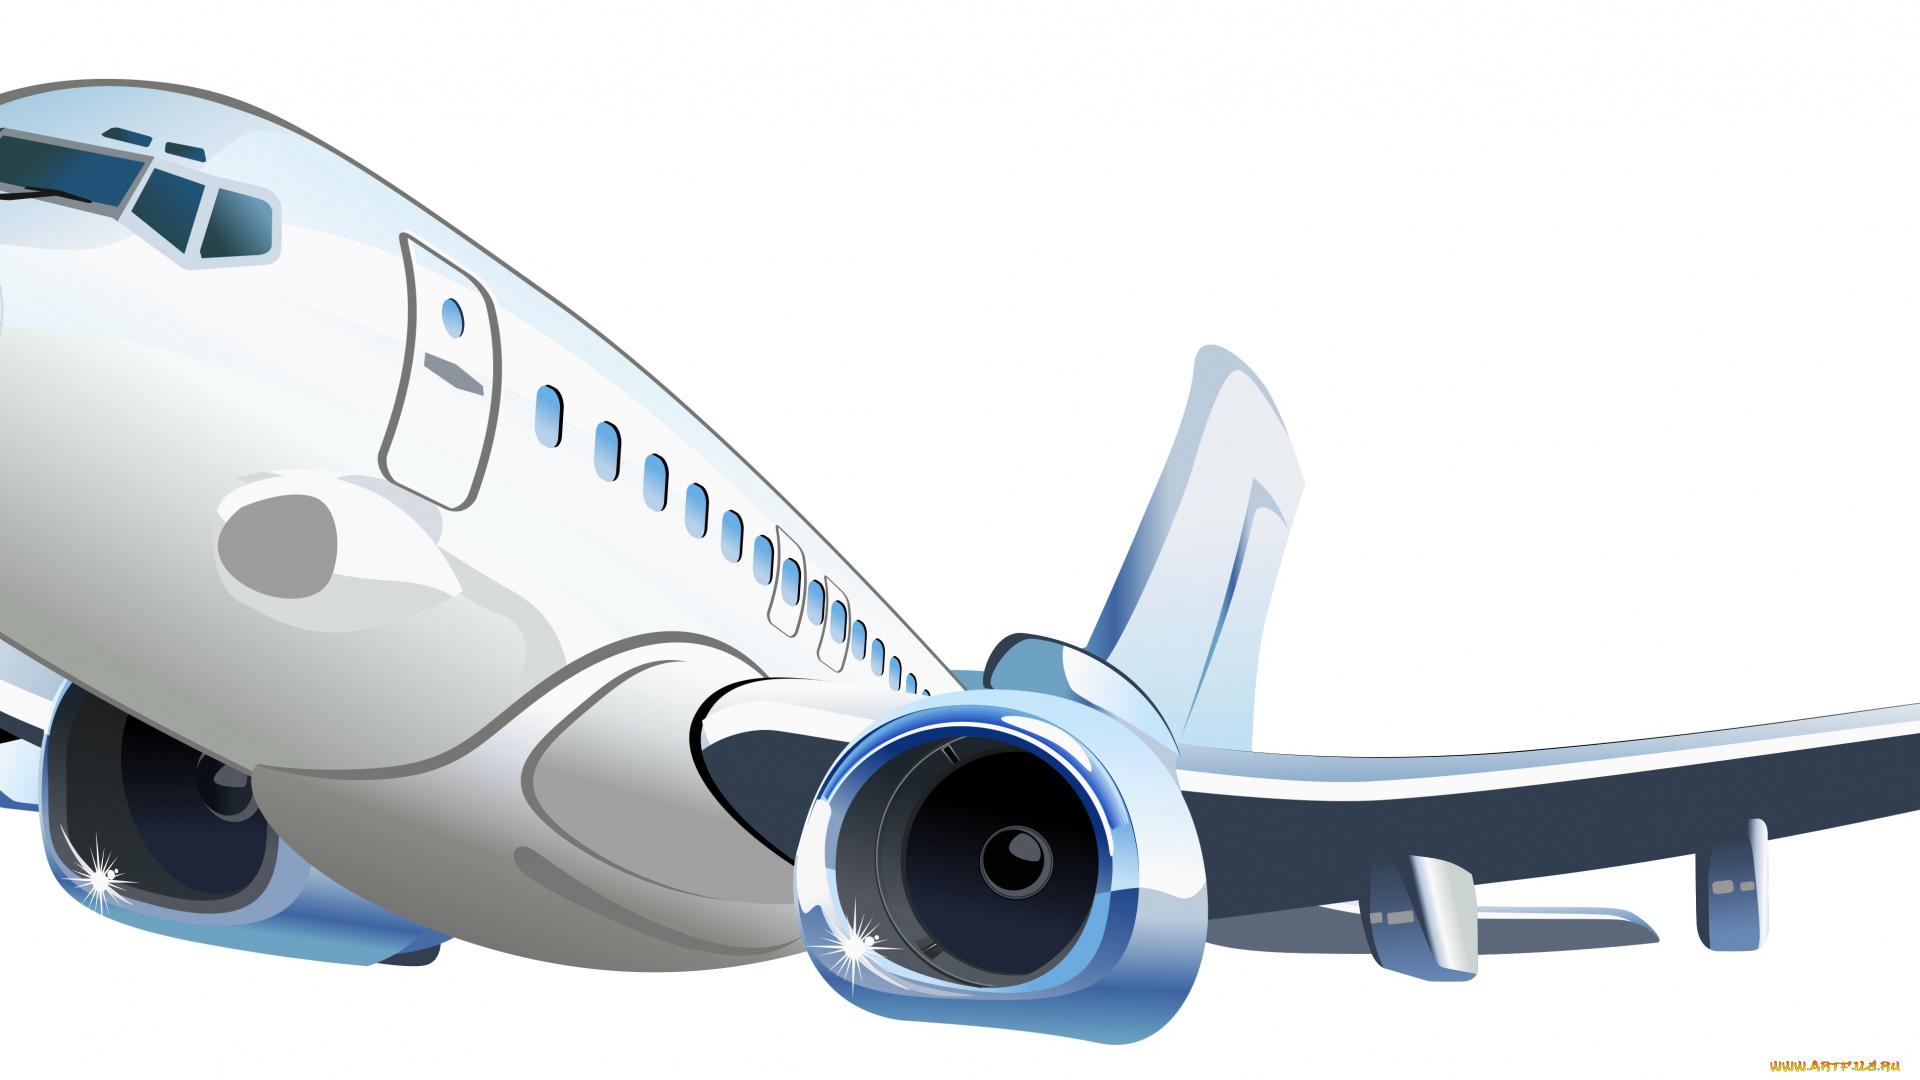 картинки самолетов для презентации можно приготовить какие-нибудь